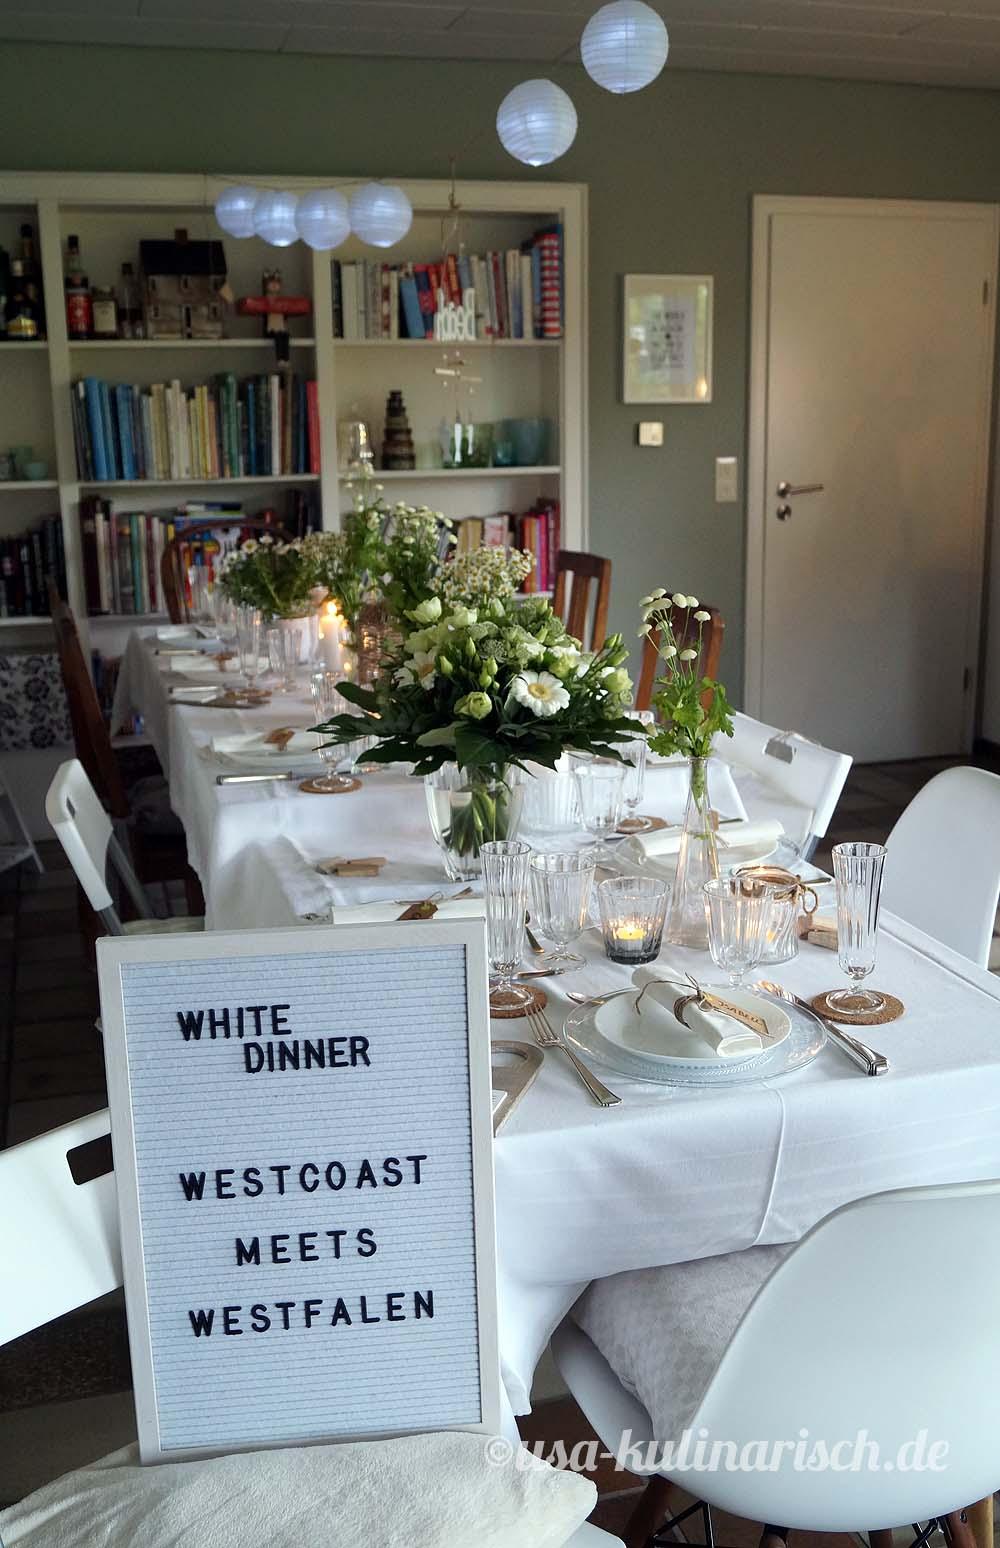 Indoor statt Outdoor - das White Dinner im Wohnzimmer